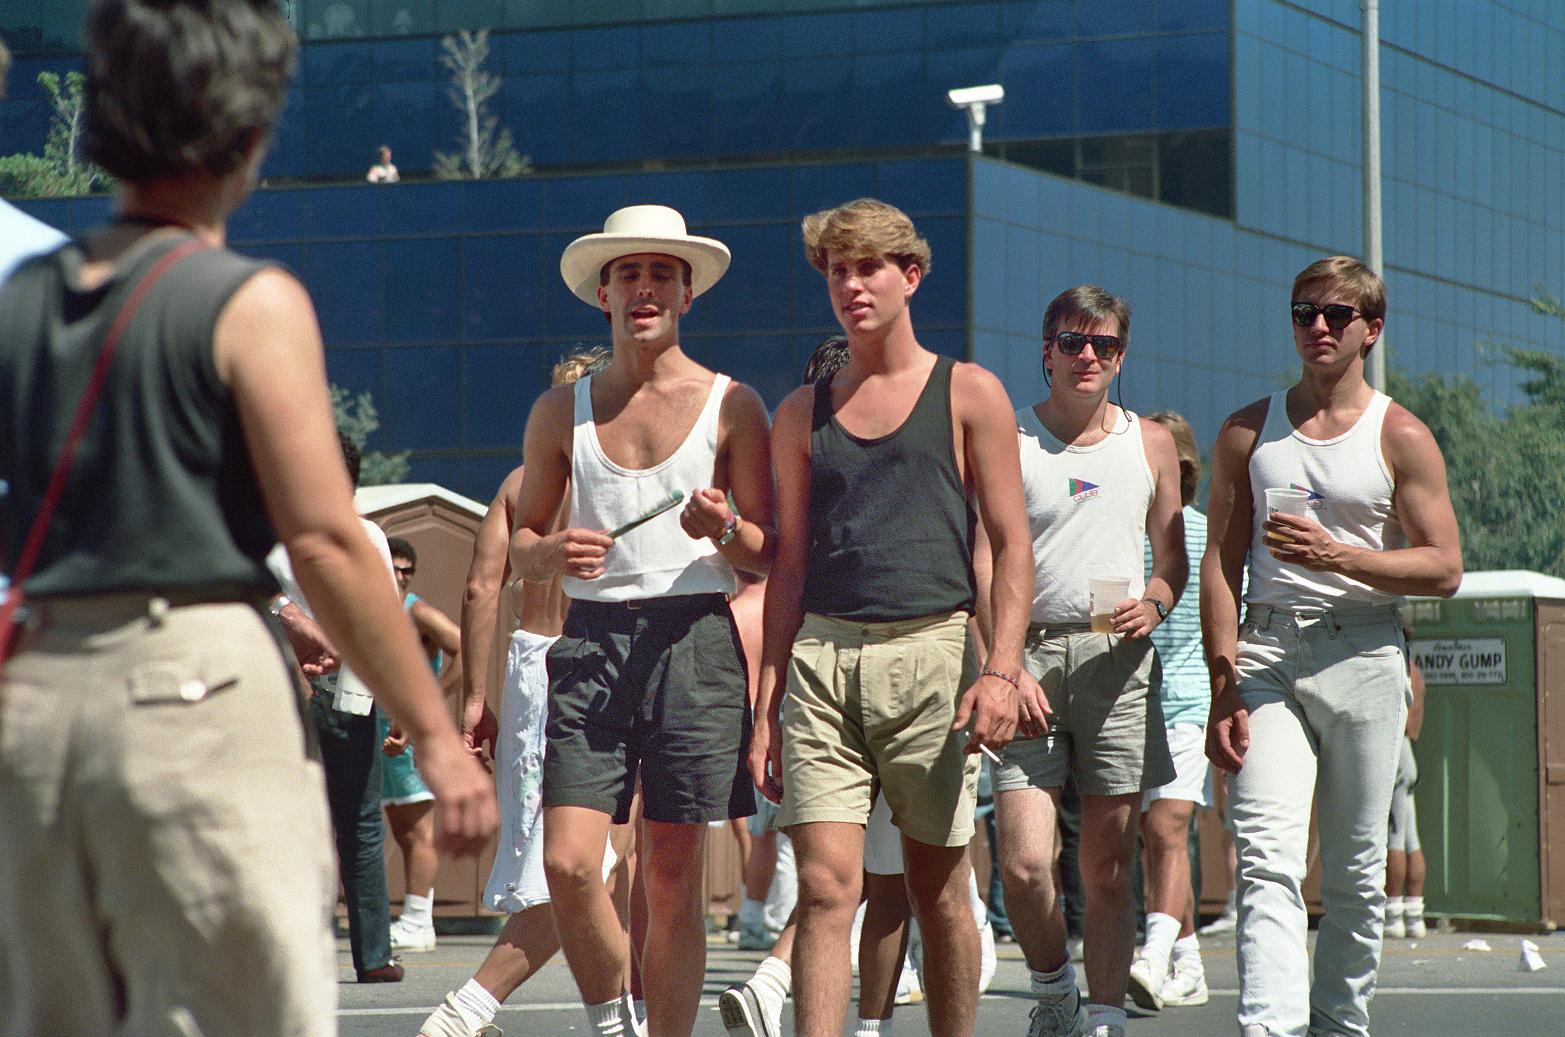 la-pride-1987-1995_21687757674_o